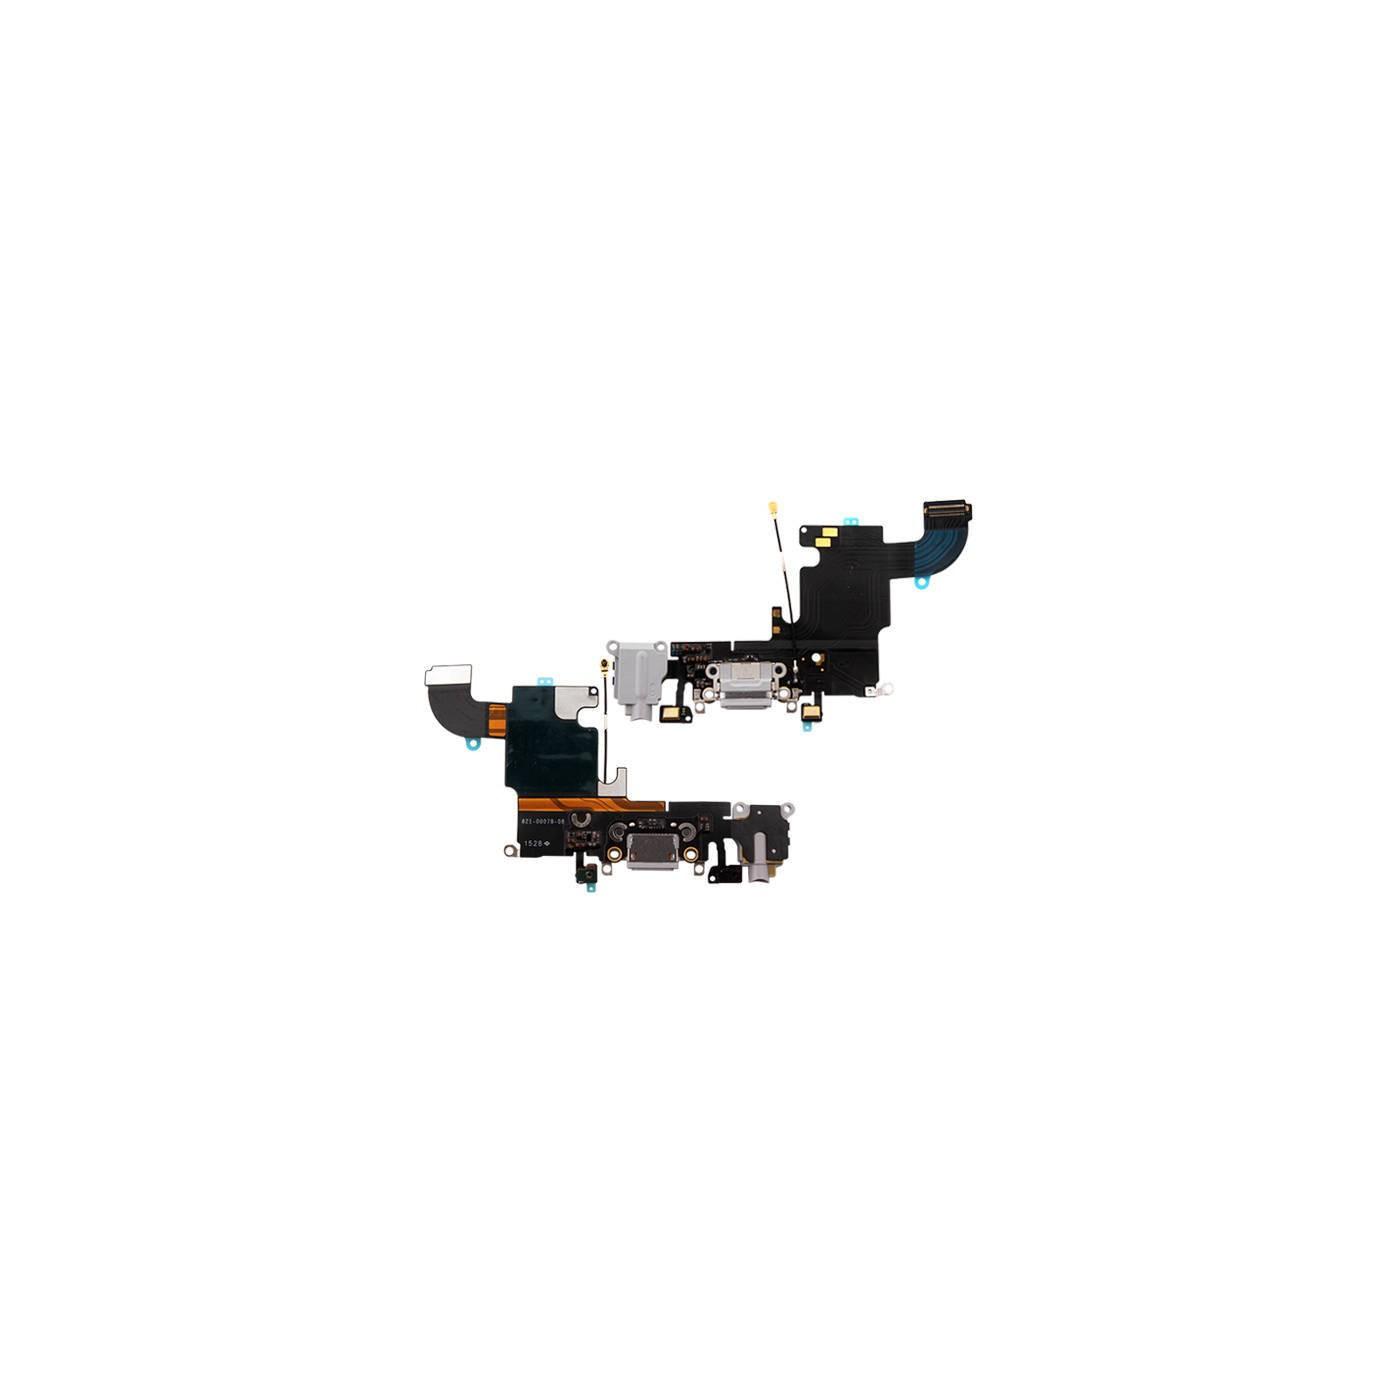 Flacher Flex-Ladeanschluss für iPhone 6S, hellgraues Mikrofon-Dock